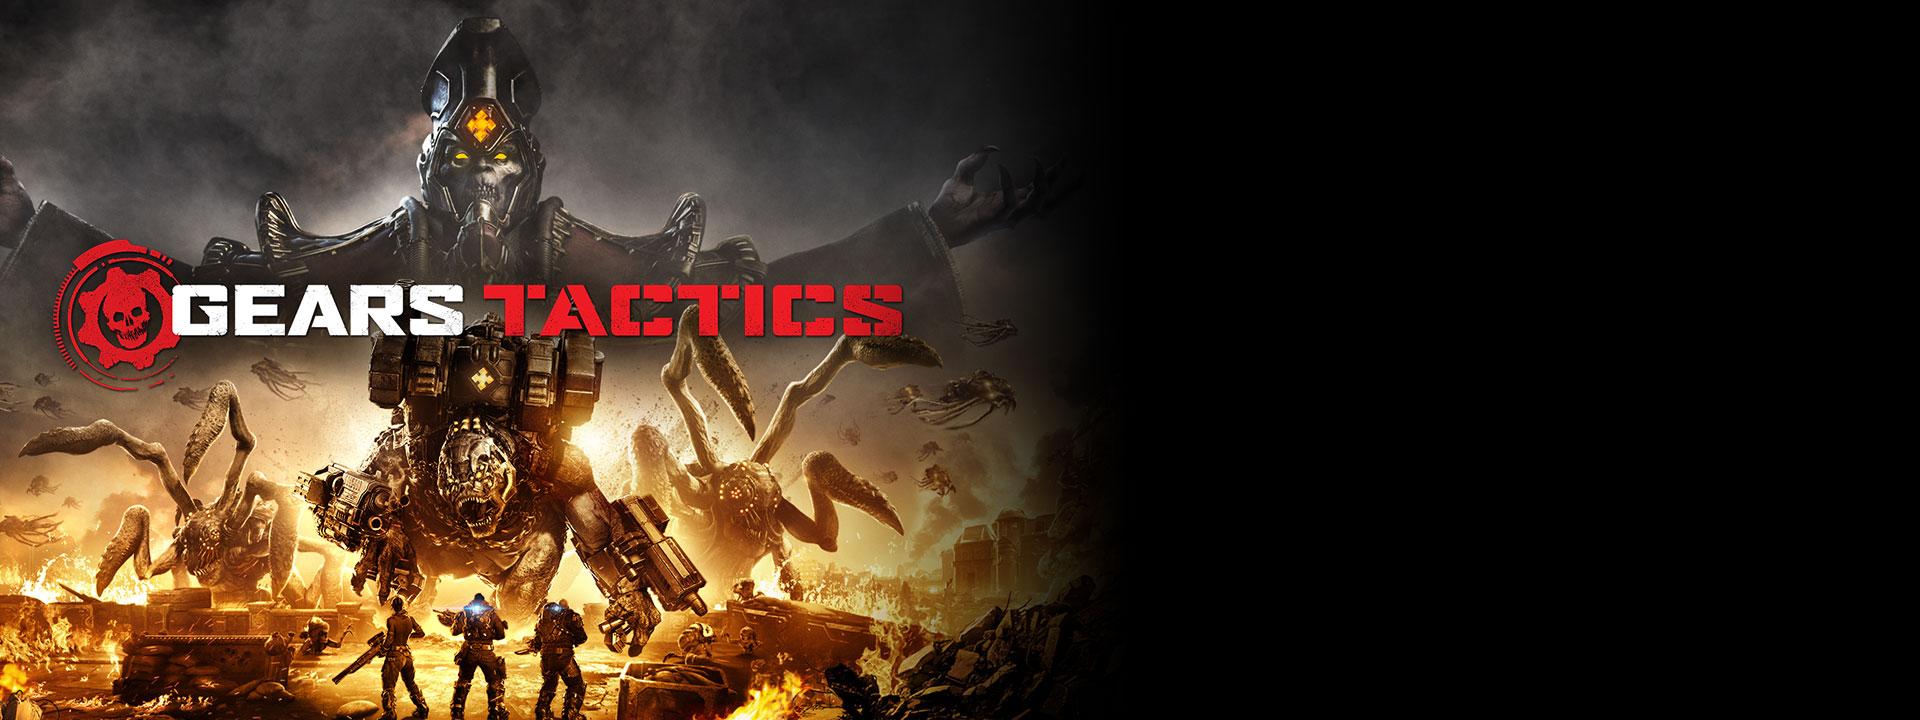 Logo de Gears Tactics, escena de tres personajes que van a luchar contra varios monstruos grandes, mientras el área a su alrededor está en llamas